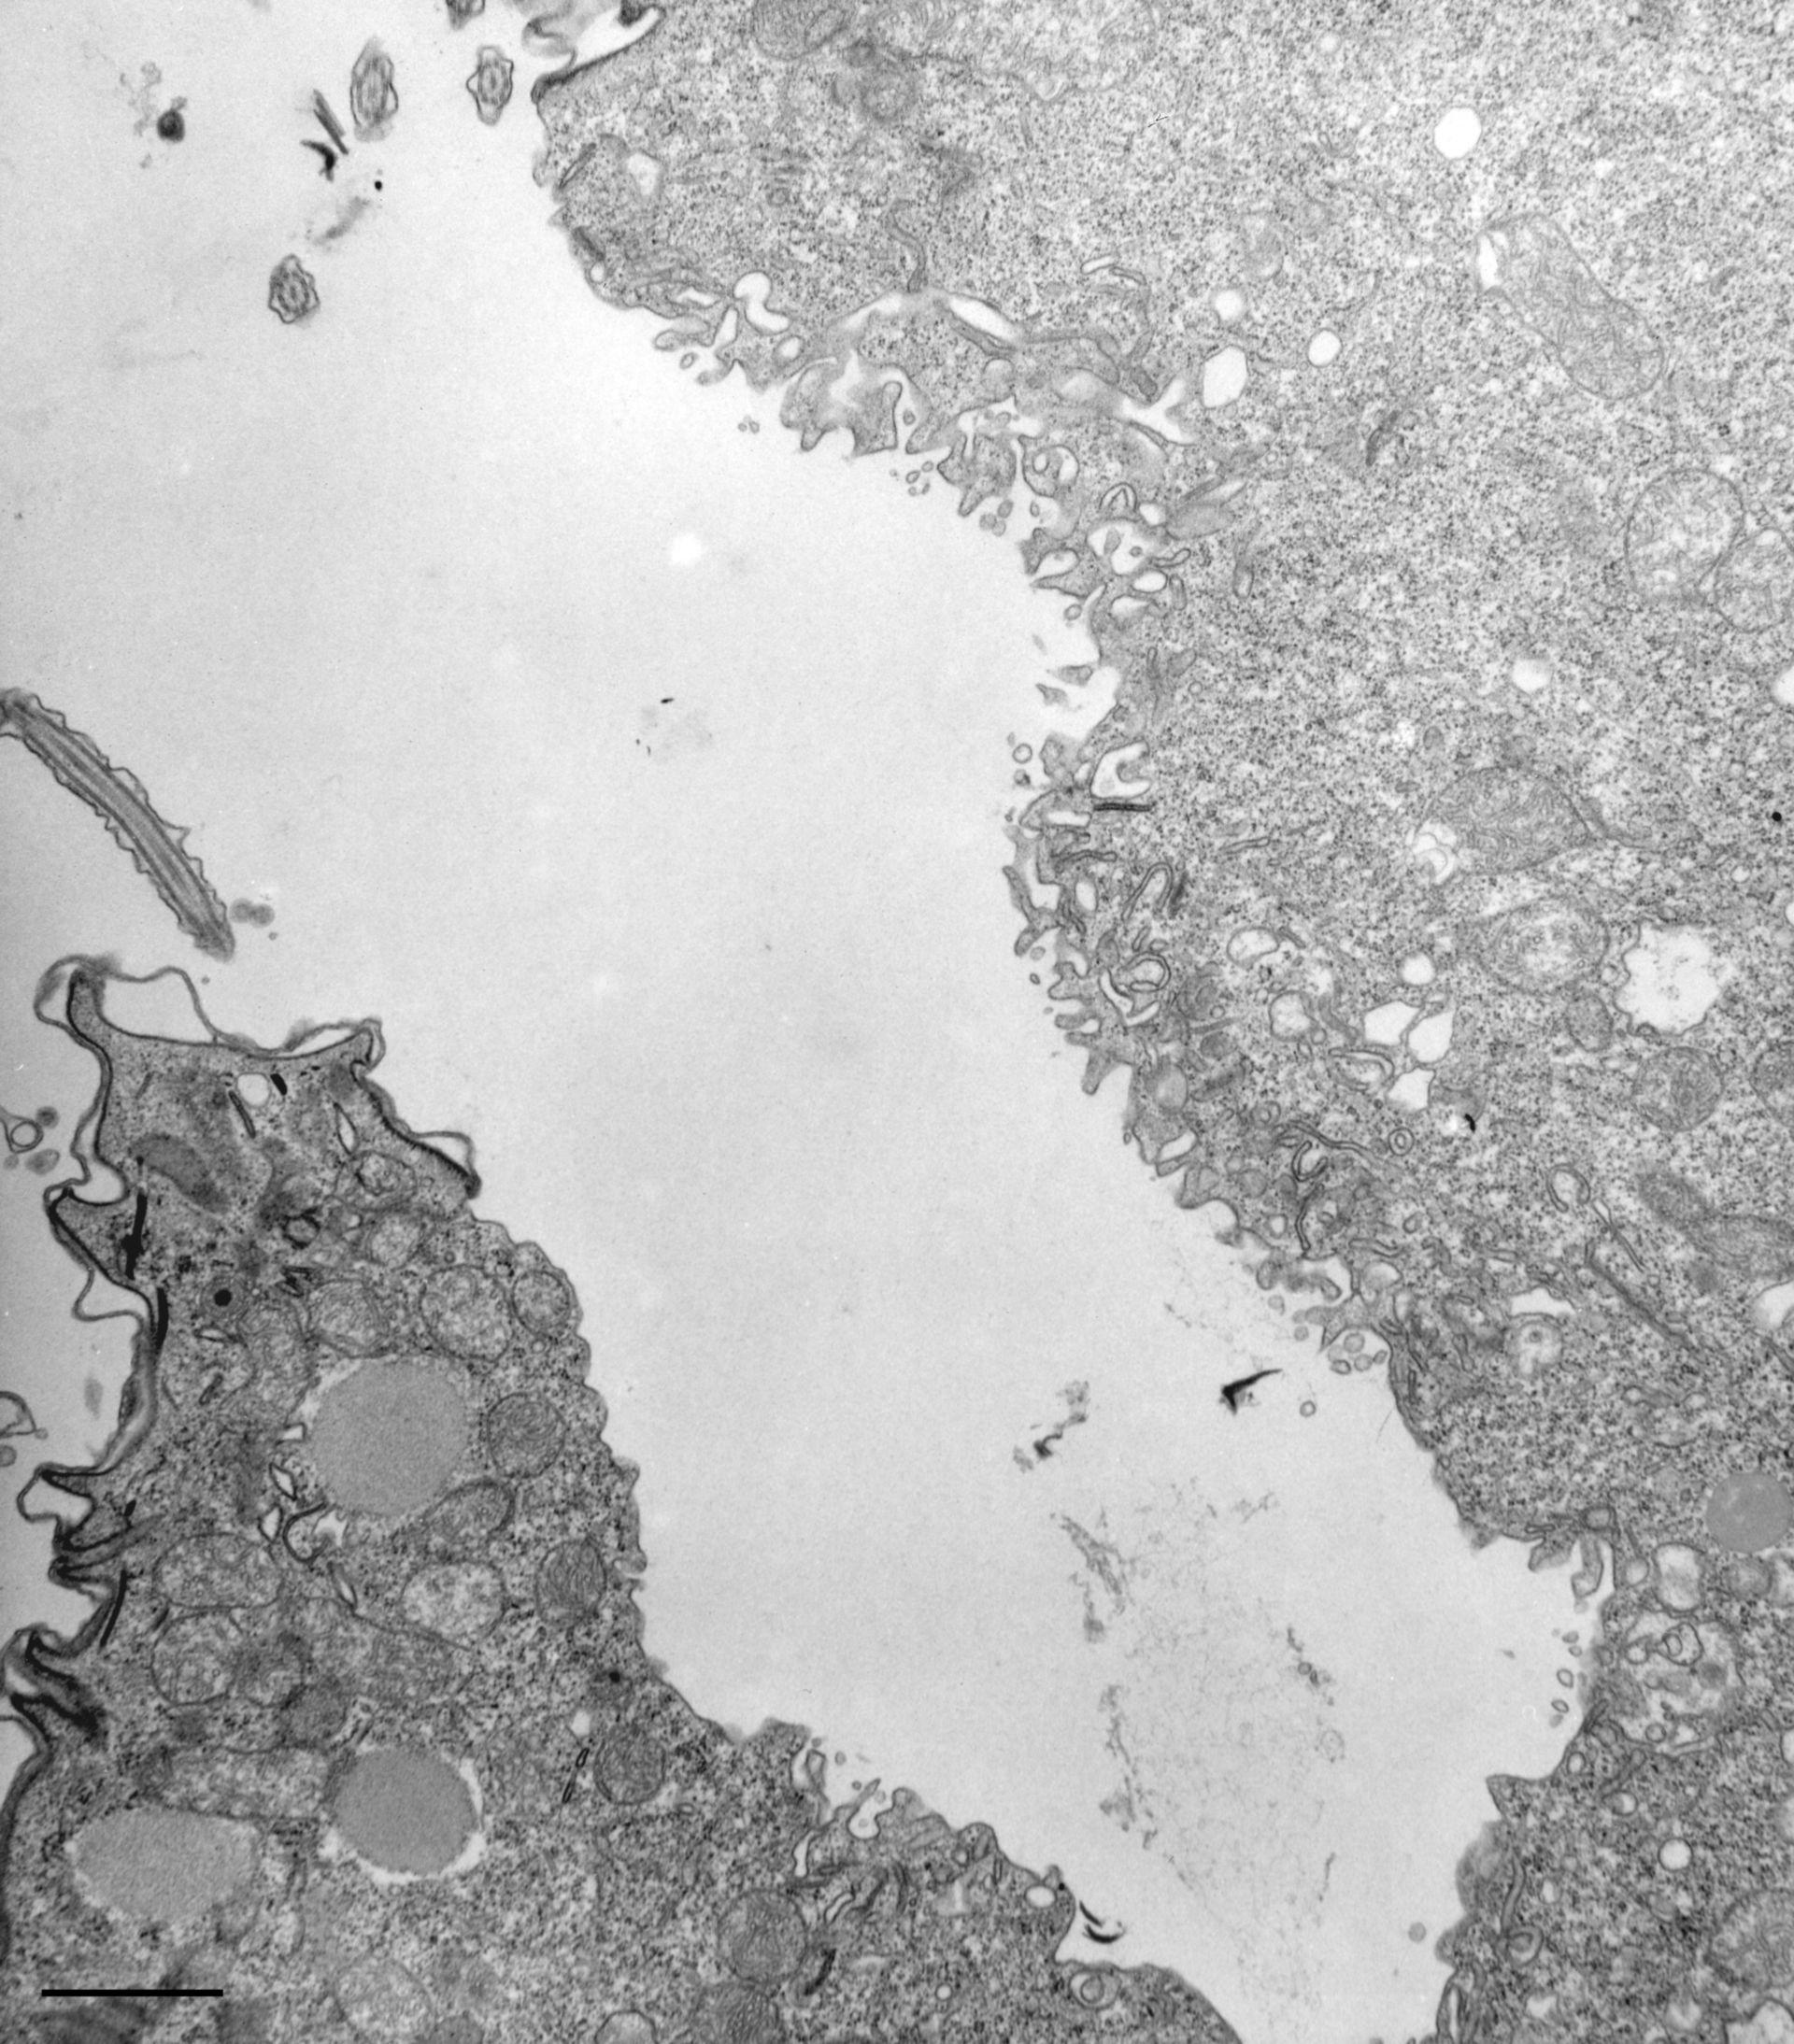 Paramecium multimicronucleatum (Cytoplasm) - CIL:13132